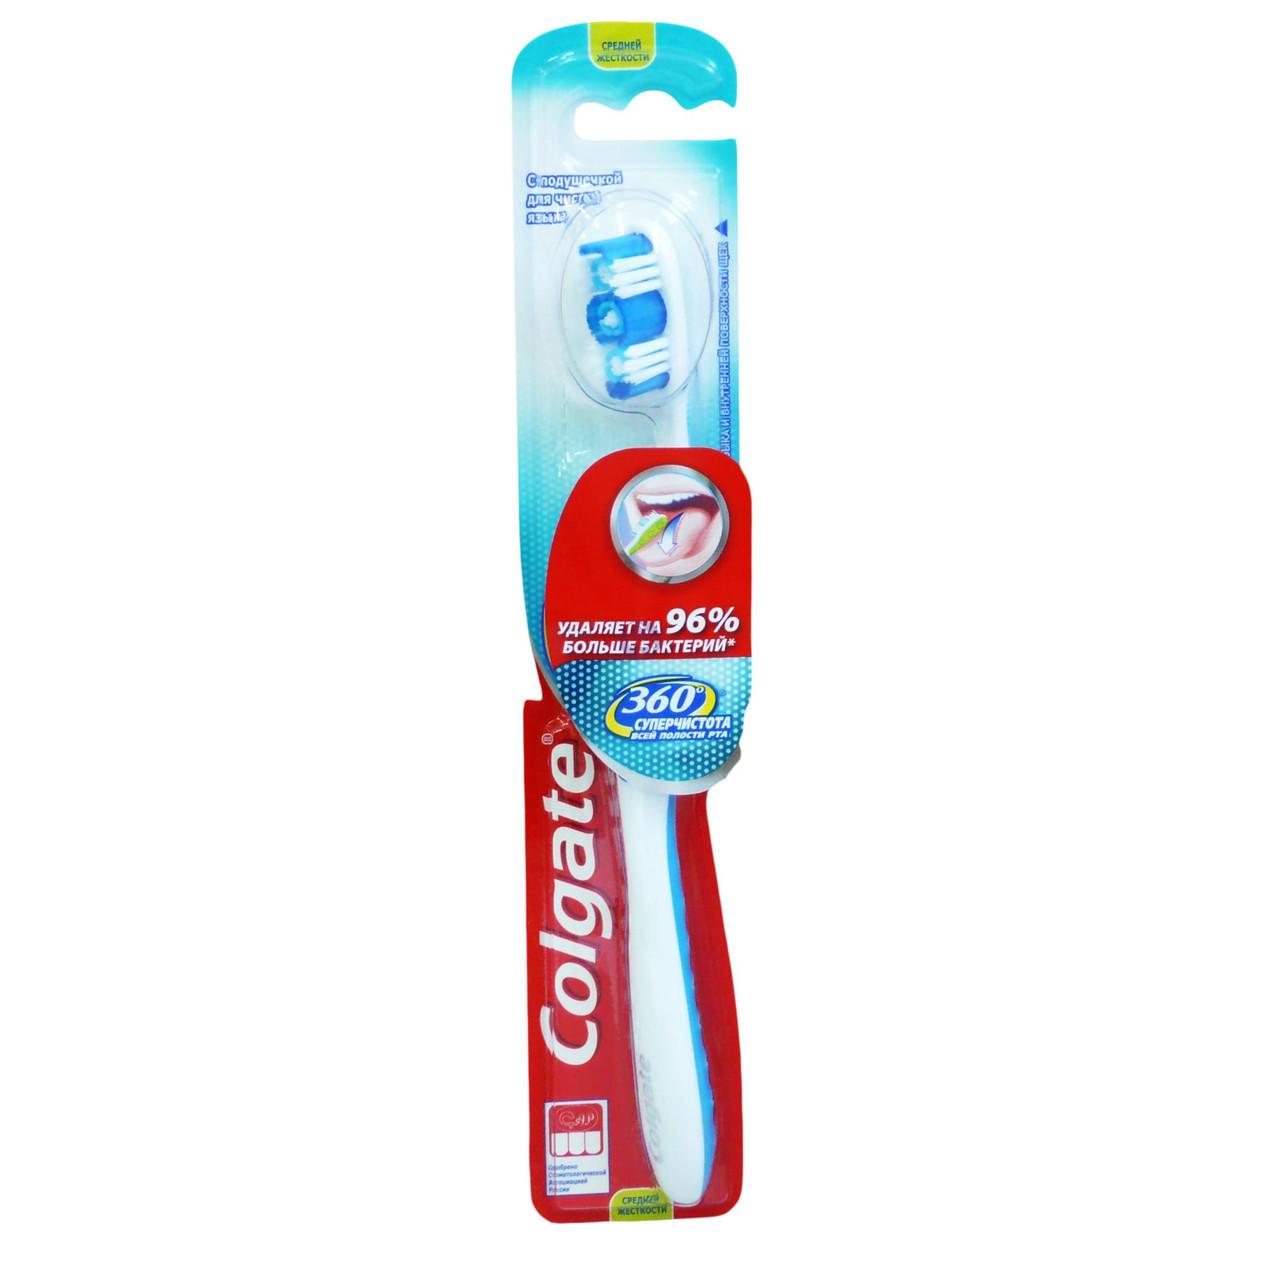 Зубна Щітка Колгейт 360 Середня 1шт (8714789213033) - GOODZONE в Ржищеве a006442a4c2ef